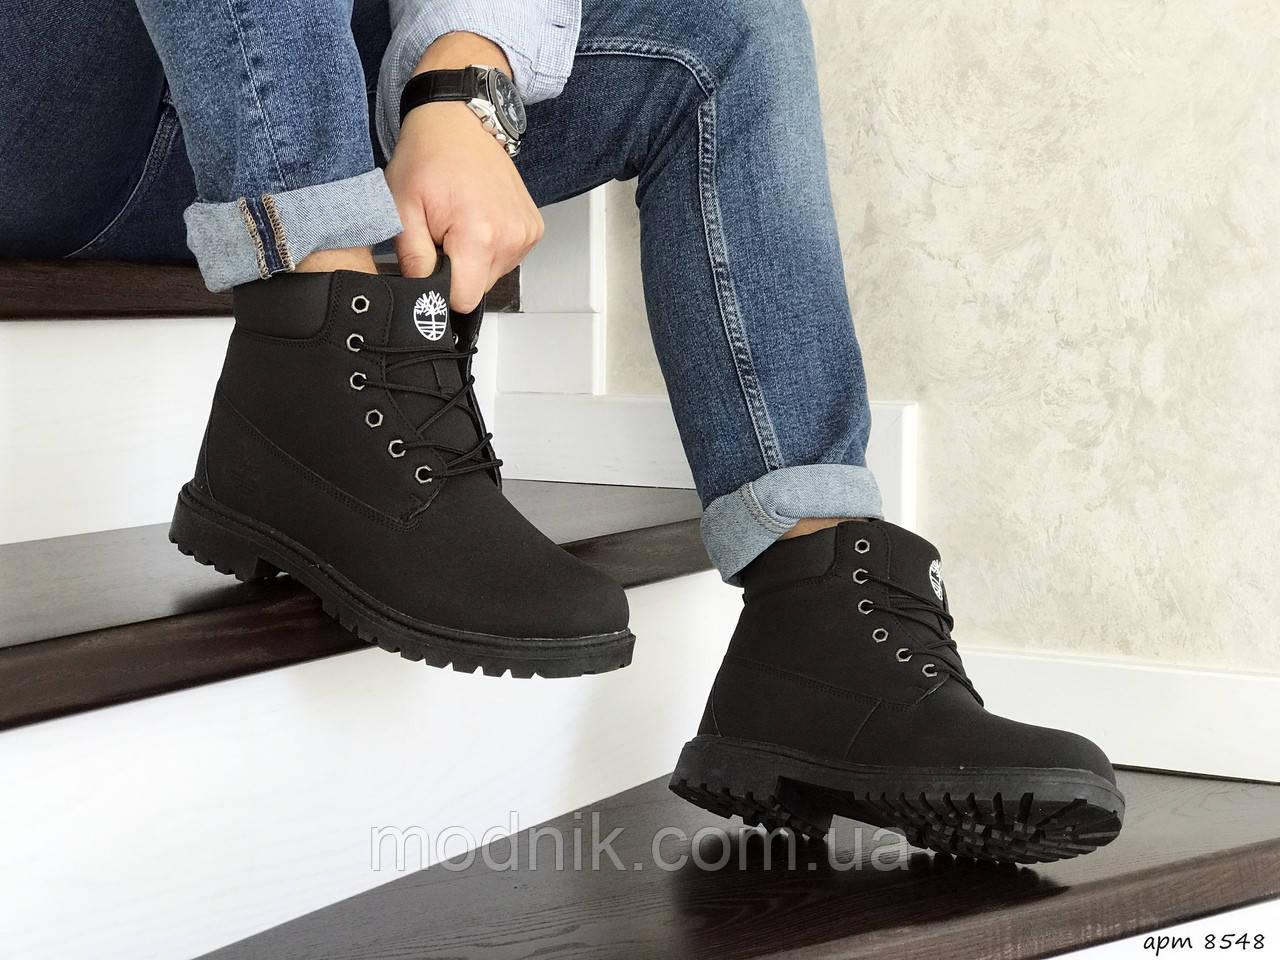 Мужские ботинки Timberland (черные) ЗИМА